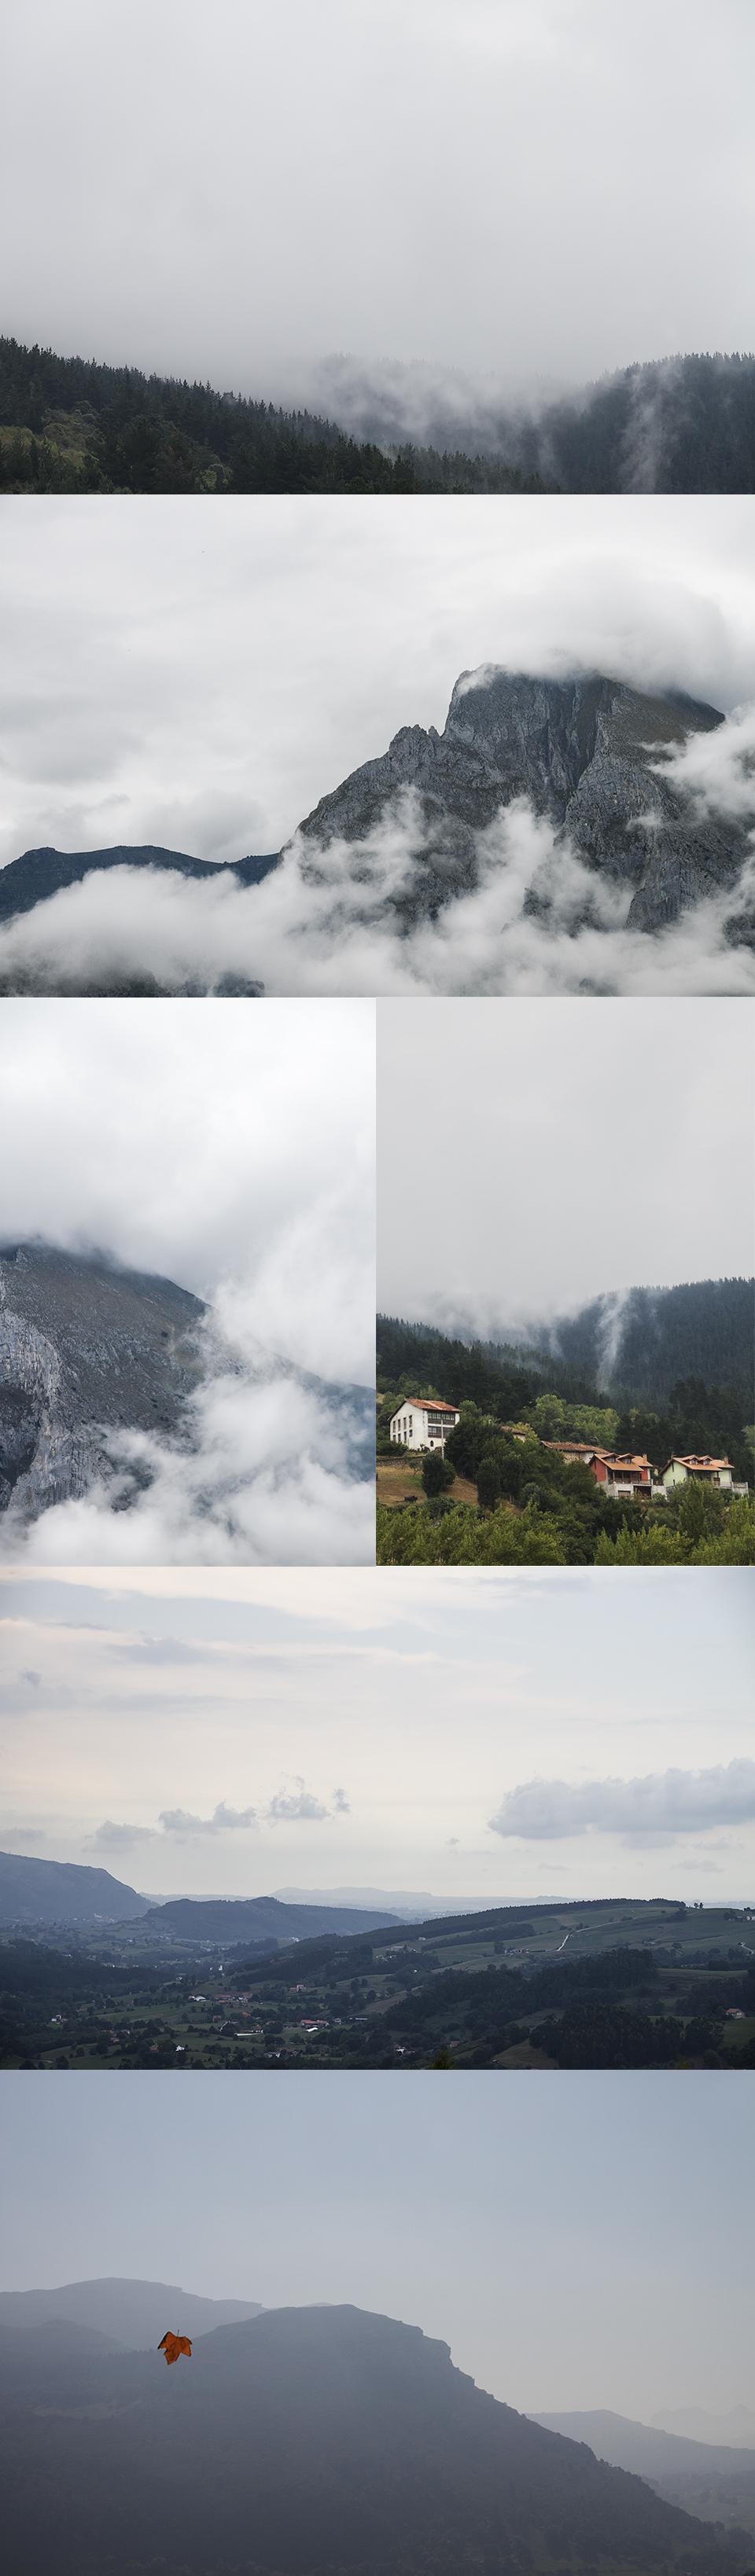 montaje-blog-landscapes1.jpg